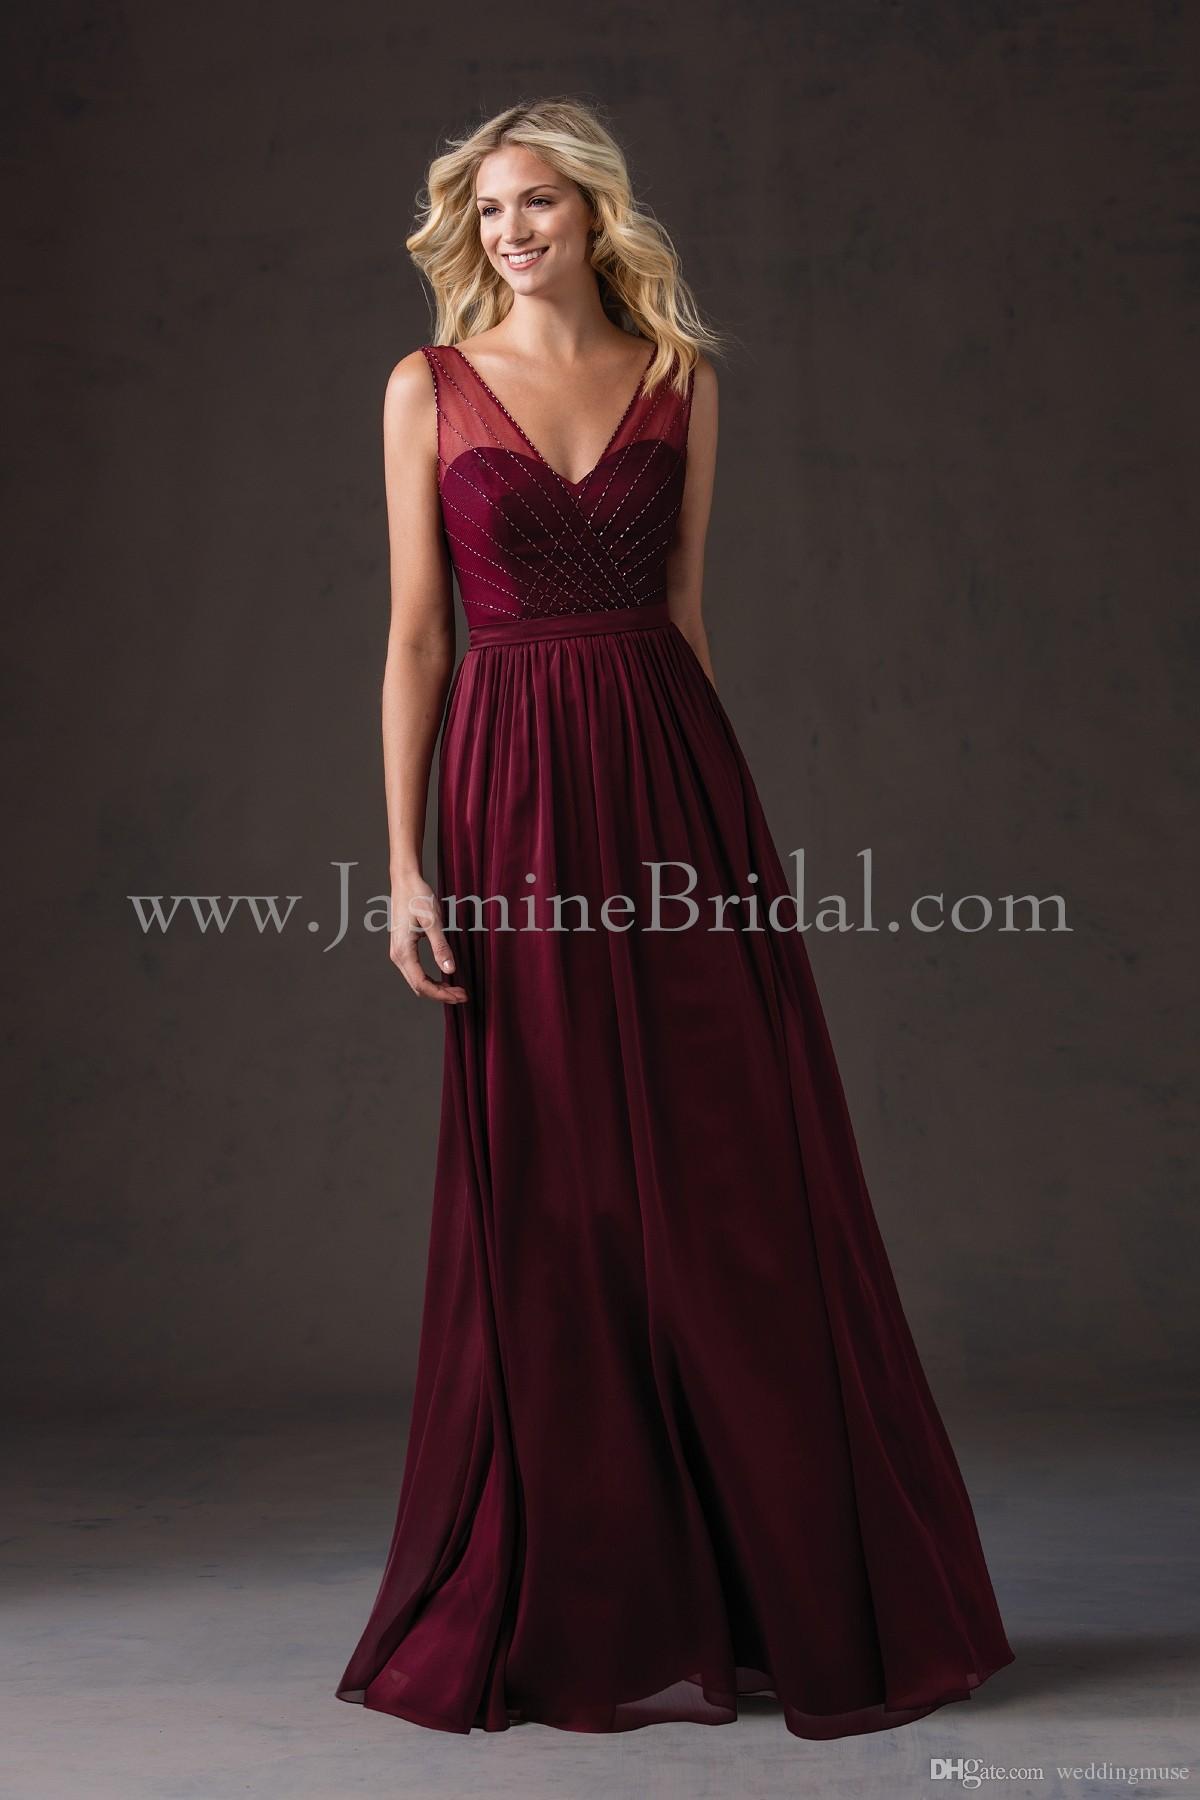 Hot 2021 Burgundy Bridesmaid Dresses V Neck Ärmlös En Linje Pärlstav På Översta Golv Längda Långa Junior Brudtärna Klänningar